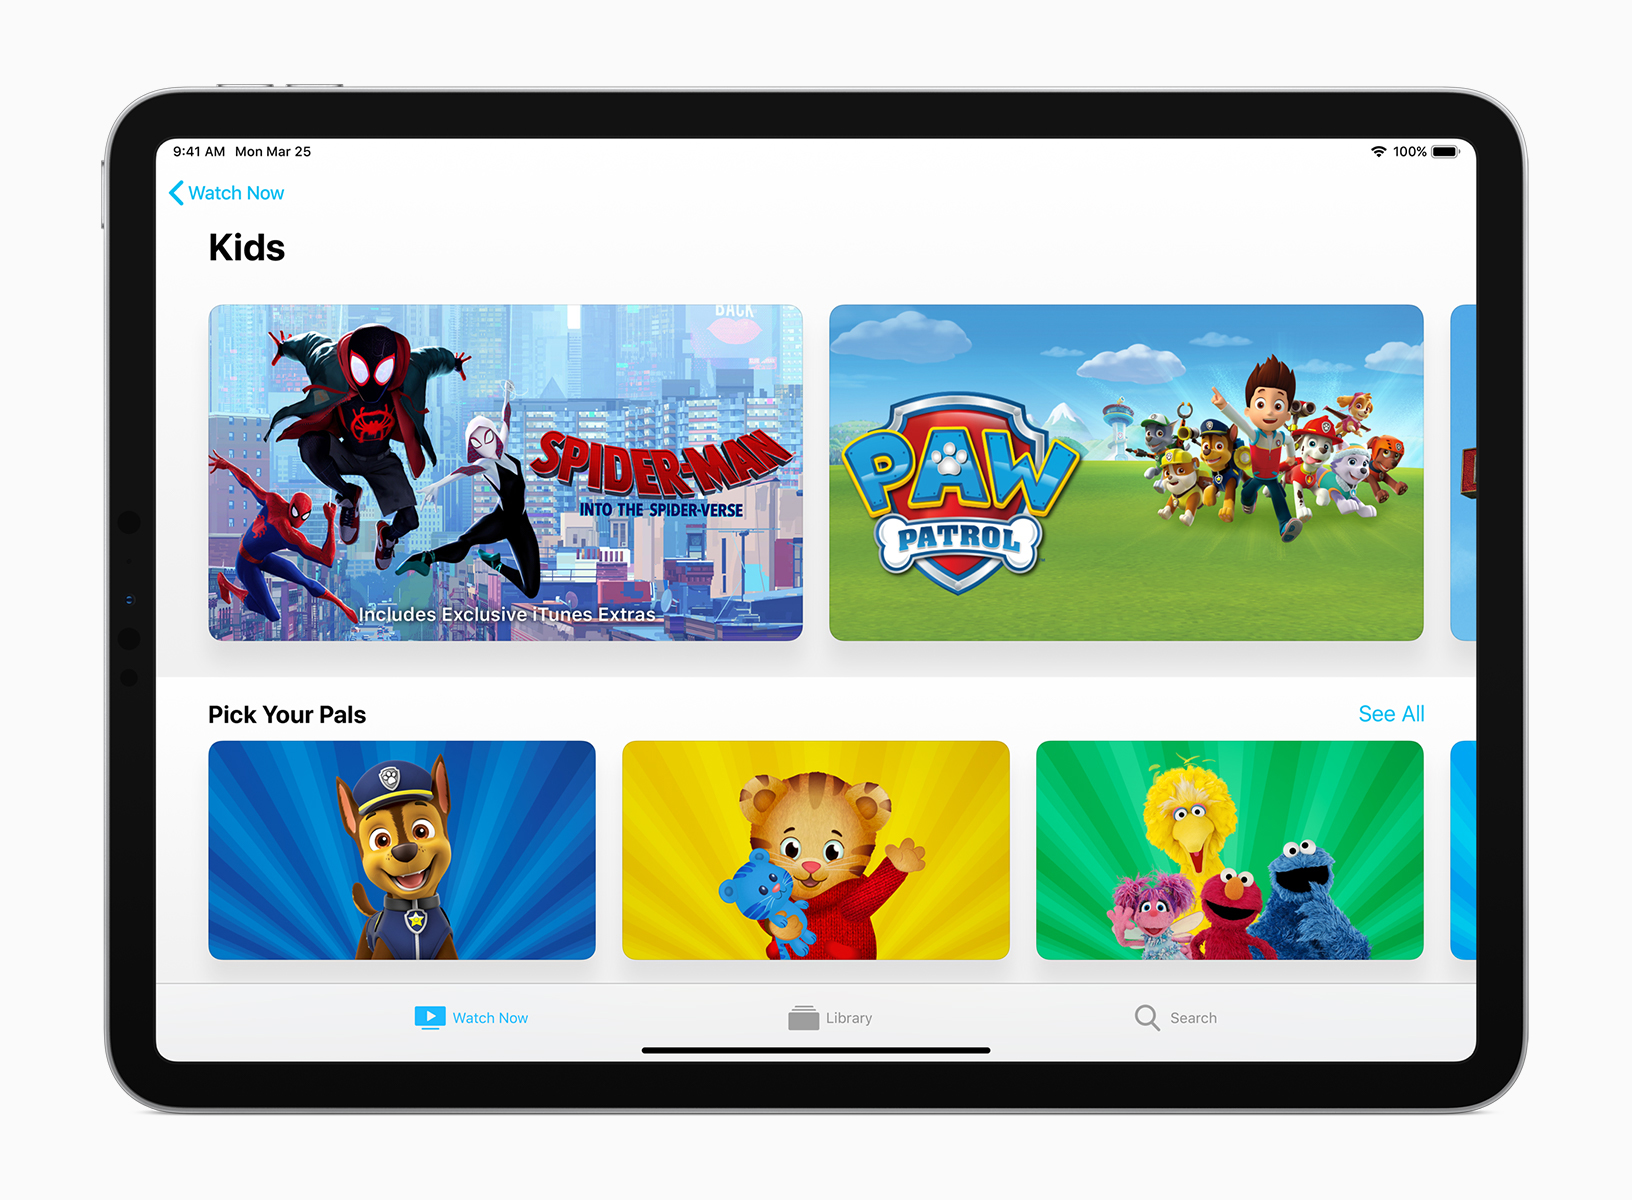 Apple_TV_app_iPad_kids_032519.jpg